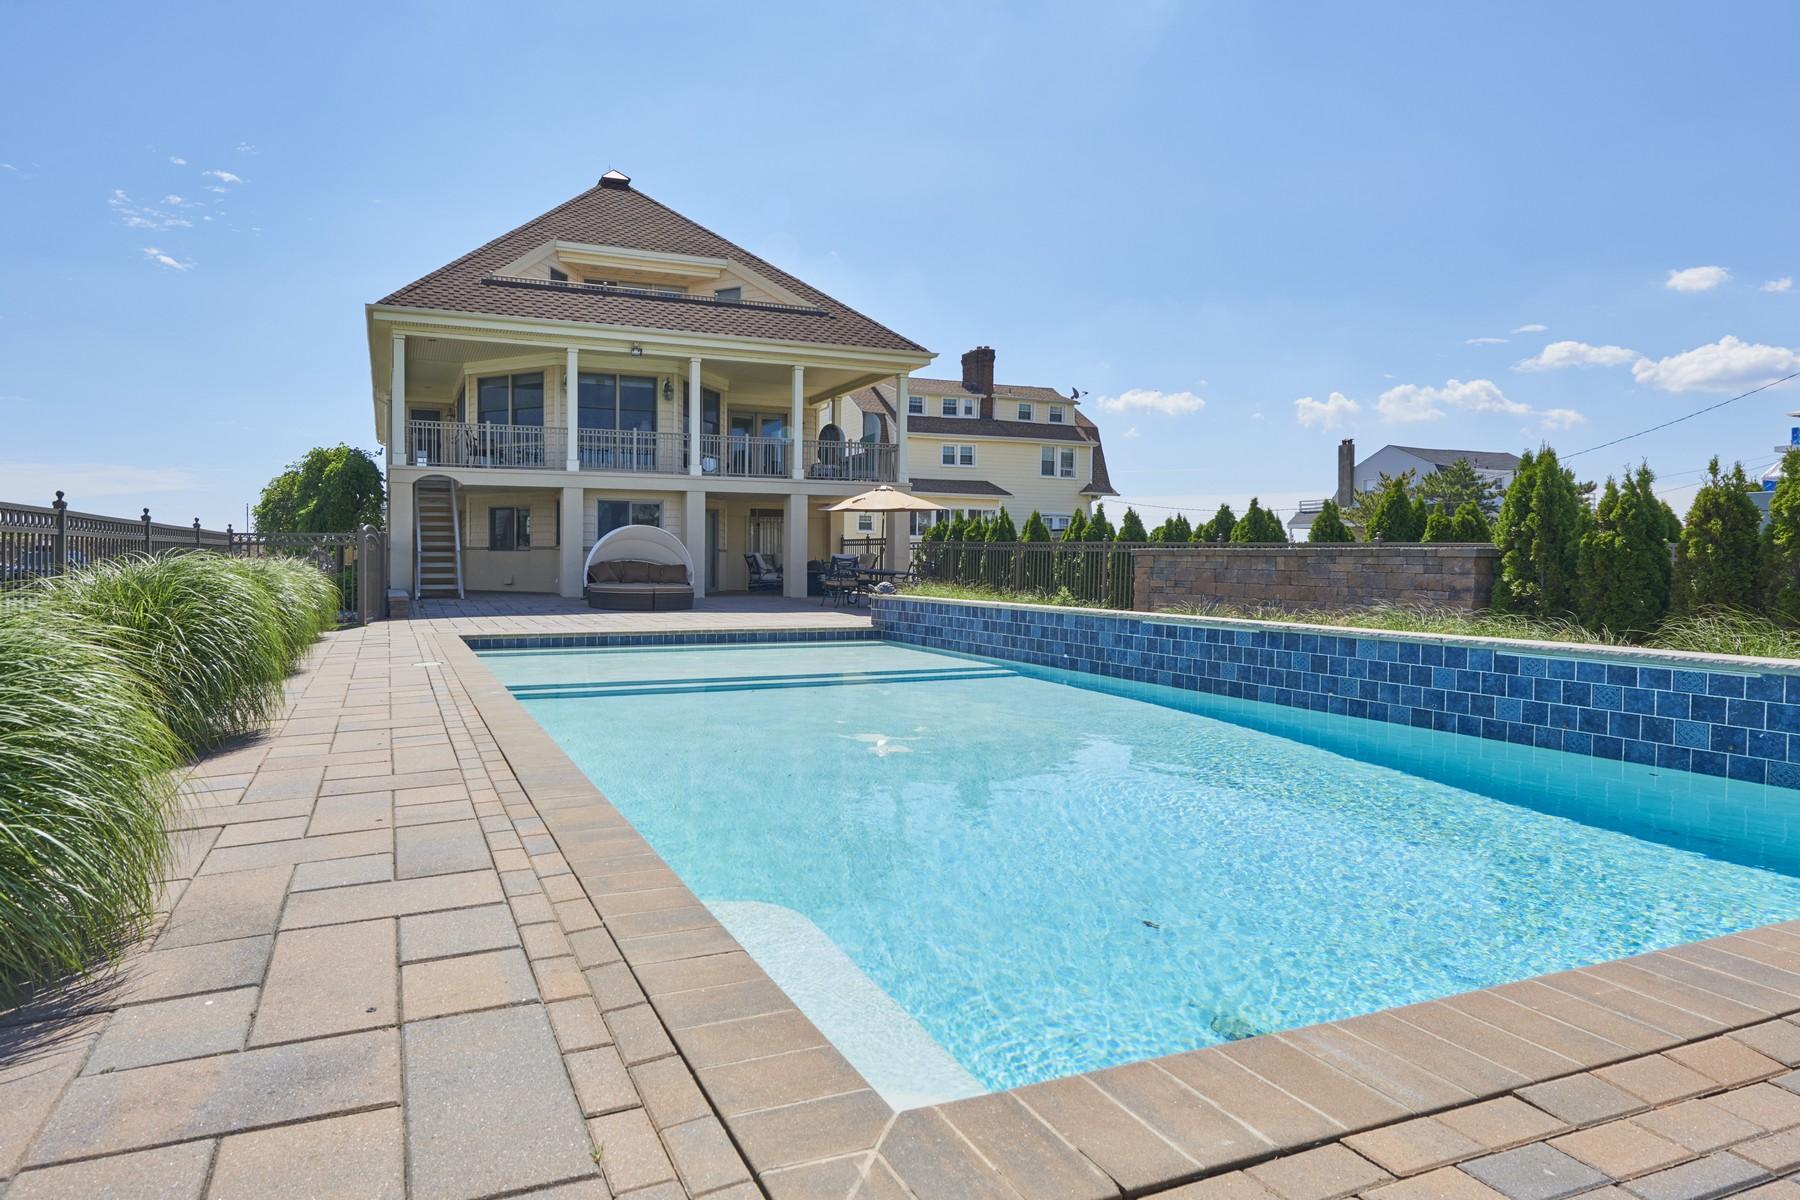 Maison unifamiliale pour l Vente à Beautiful Waterfront Property 138 Ocean Ave Monmouth Beach, New Jersey, 07750 États-Unis